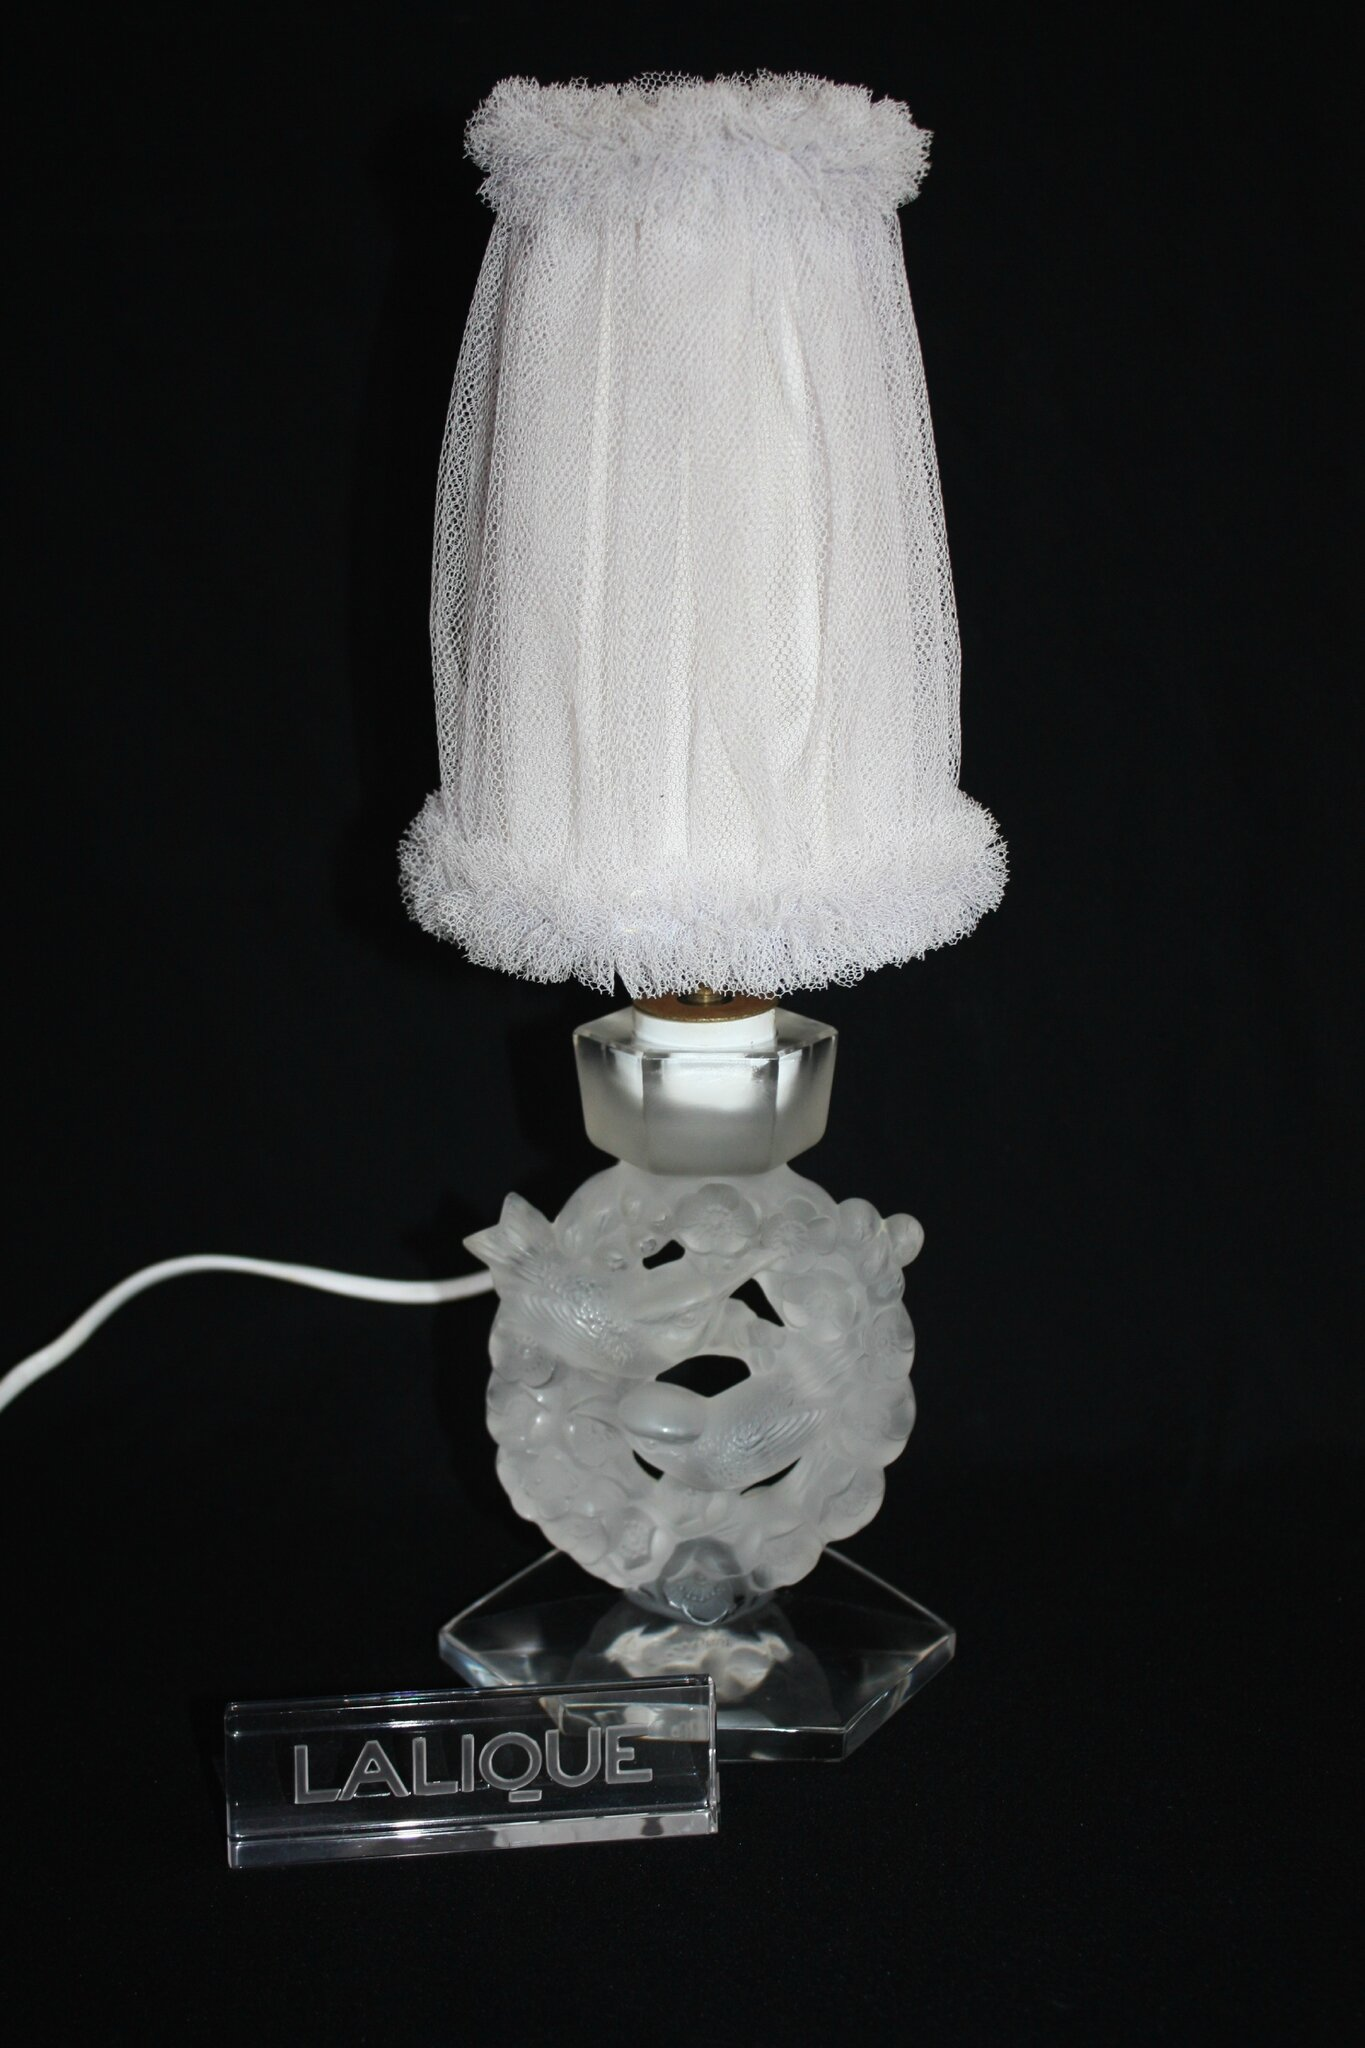 Lampe Lalique Mésanges